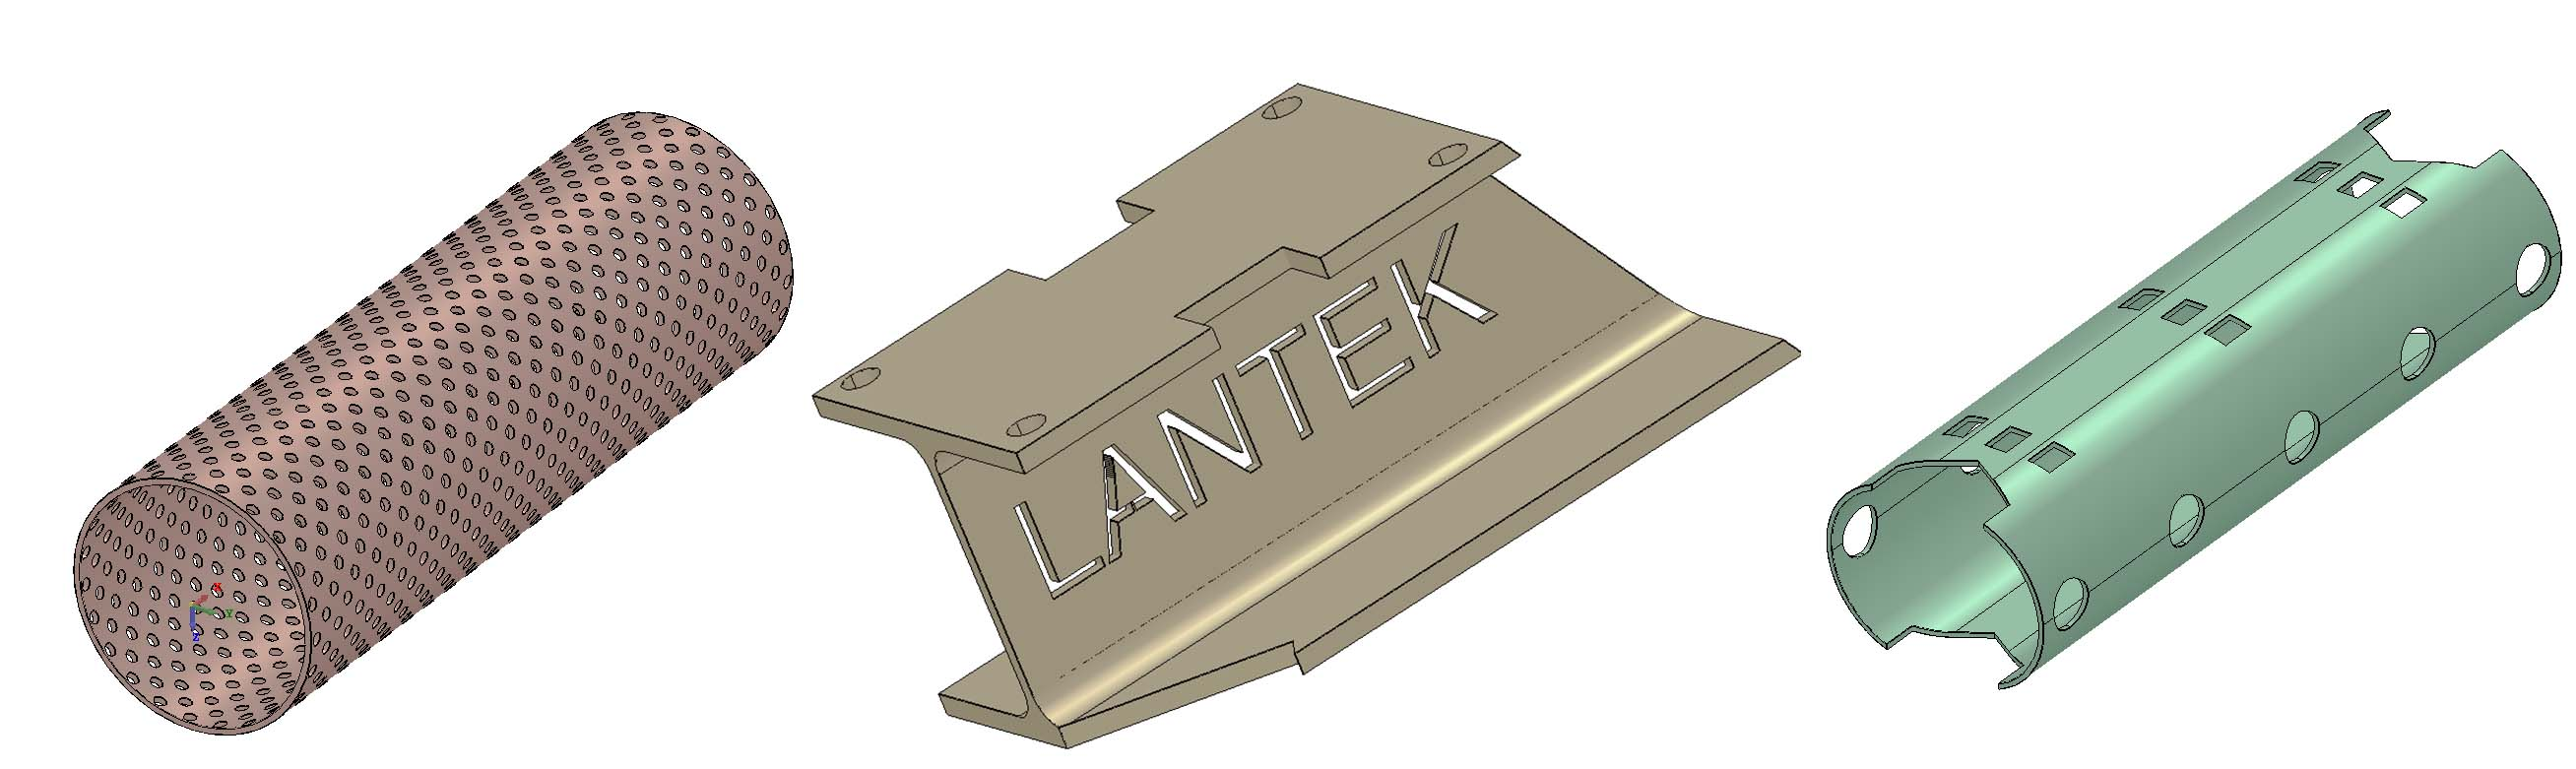 Lantek Flex3d Tubes  - Zeichnungsoptionen